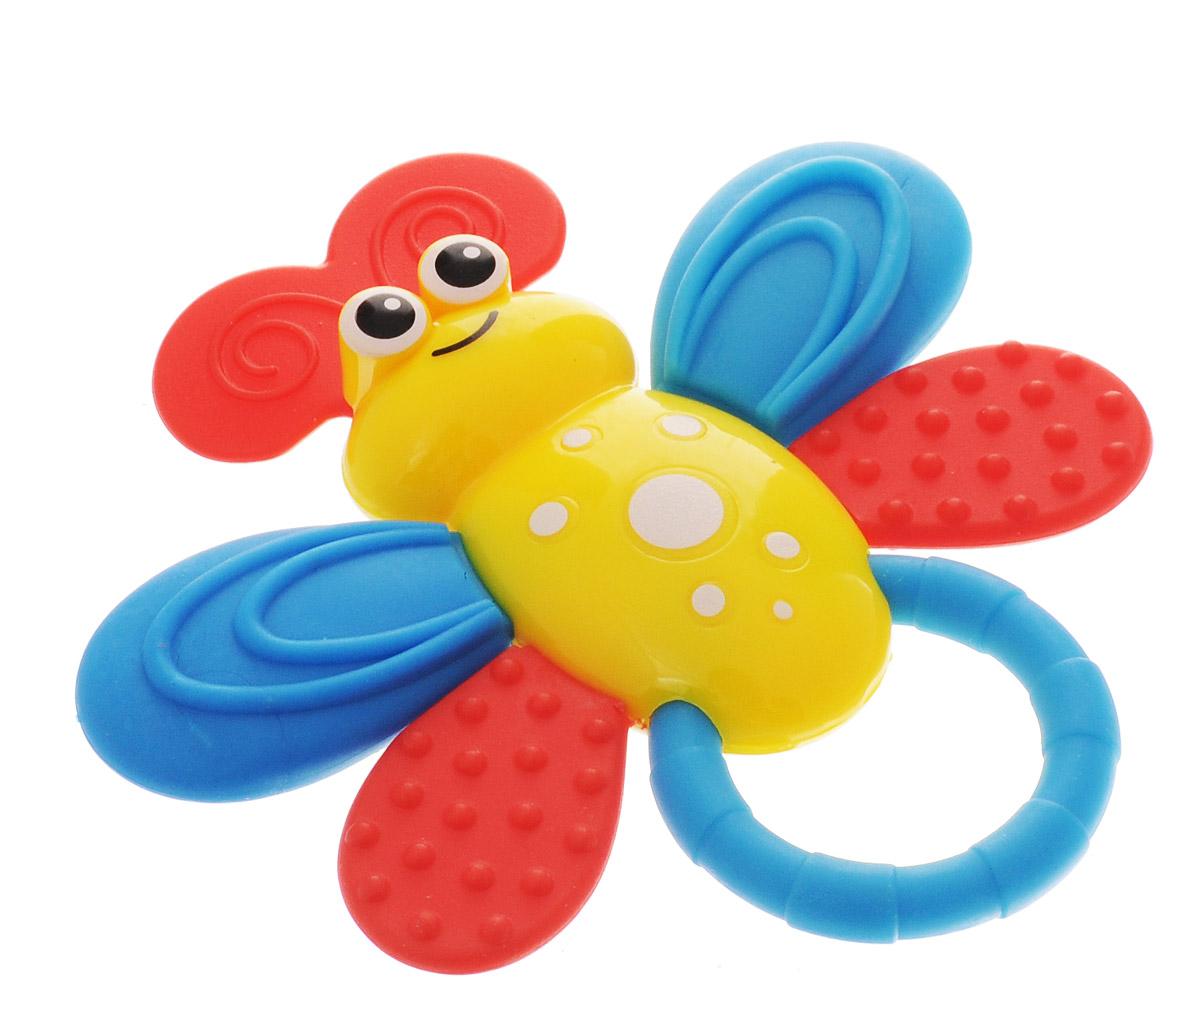 Bondibon Погремушка Пчелка цвет желтыйВВ1482_желтыйПогремушка с прорезывателем Bondibon Пчелка сможет развлечь ребенка, как дома, так и на прогулке, в поездке или гостях. Она изготовлена из прочного пластика и выполнена в виде забавной пчелки с небольшим удобным кольцом-держателем. Соприкасающаяся с деснами ребенка поверхность прорезывателя достаточно мягкая, чтобы не поранить десны при надавливании, и в меру жесткая для того, чтобы ее пожевать или погрызть во время роста молочных зубов. Погремушка специально разработана с учетом особенностей строения ручек малыша и не будет скользить. Яркие цвета и звуки, которые издает игрушка, развивают слуховое и зрительное восприятие, пространственное мышление и тактильные ощущения. Погремушку можно стерилизовать при температуре до 120 °С.